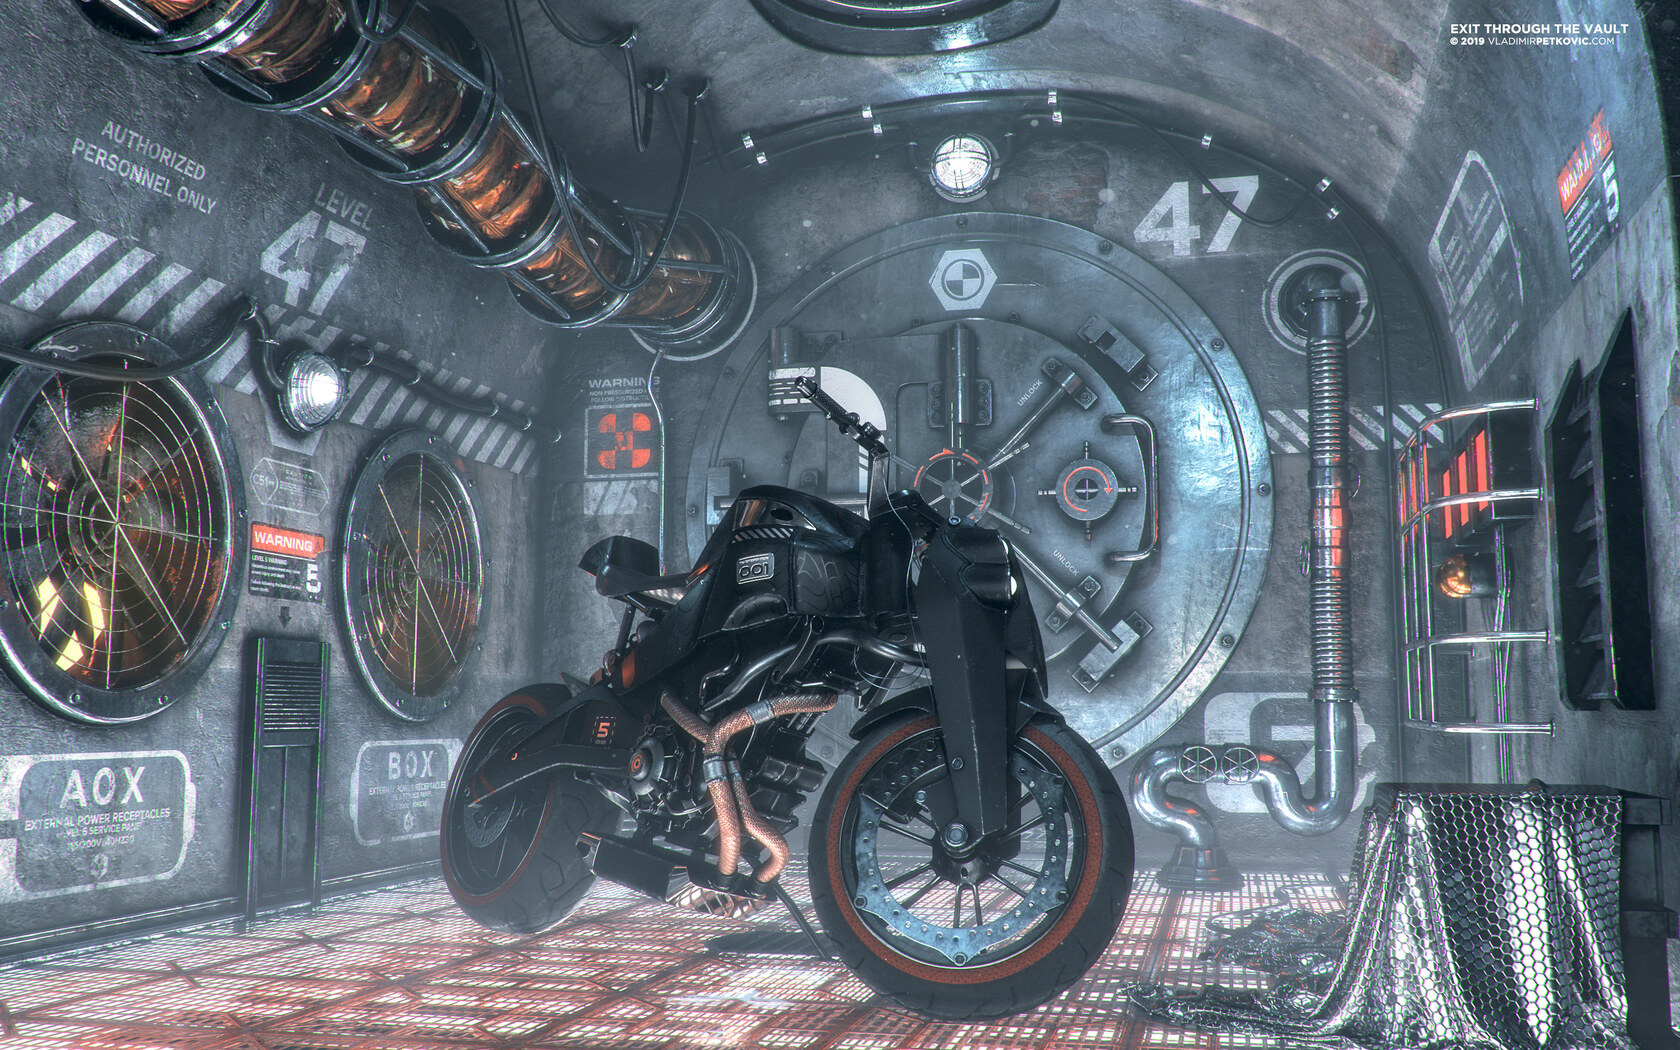 custom-bike-4k-0v.jpg